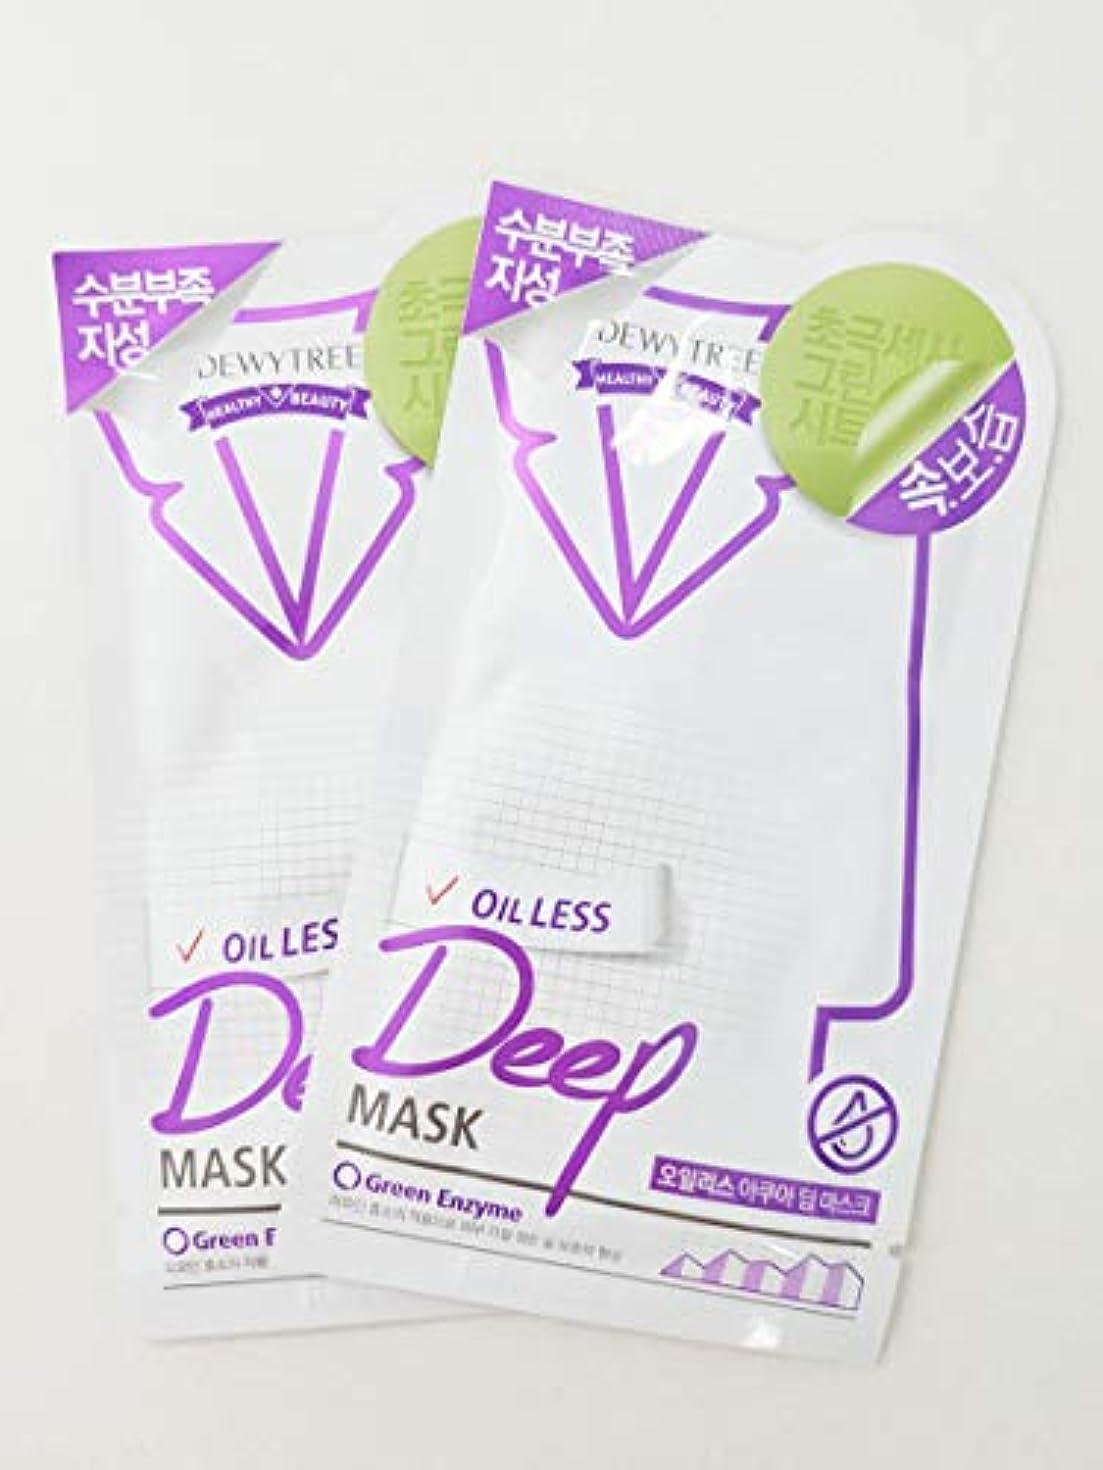 トランジスタ革新受け入れる(デューイトゥリー) DEWYTREE オイルレスアクアディープマスク 20枚 Oilless Aqua Dip Mask 韓国マスクパック (並行輸入品)